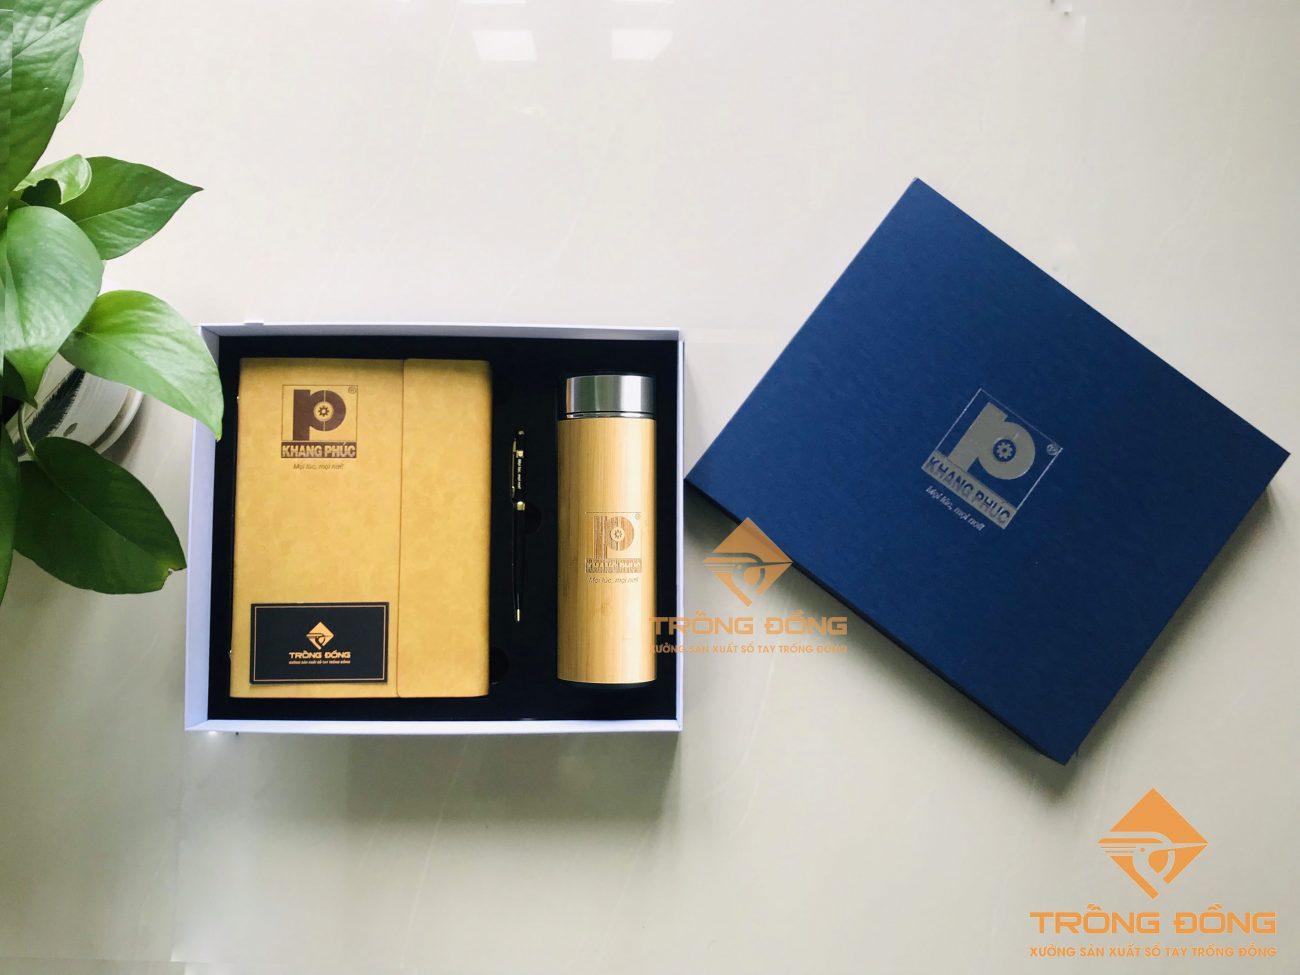 Bộ quà tặng cao cấp: Giftset sổ tay bìa da kèm bút kim loại và bình giữ nhiệt vỏ tre khắc logo theo yêu cầu.